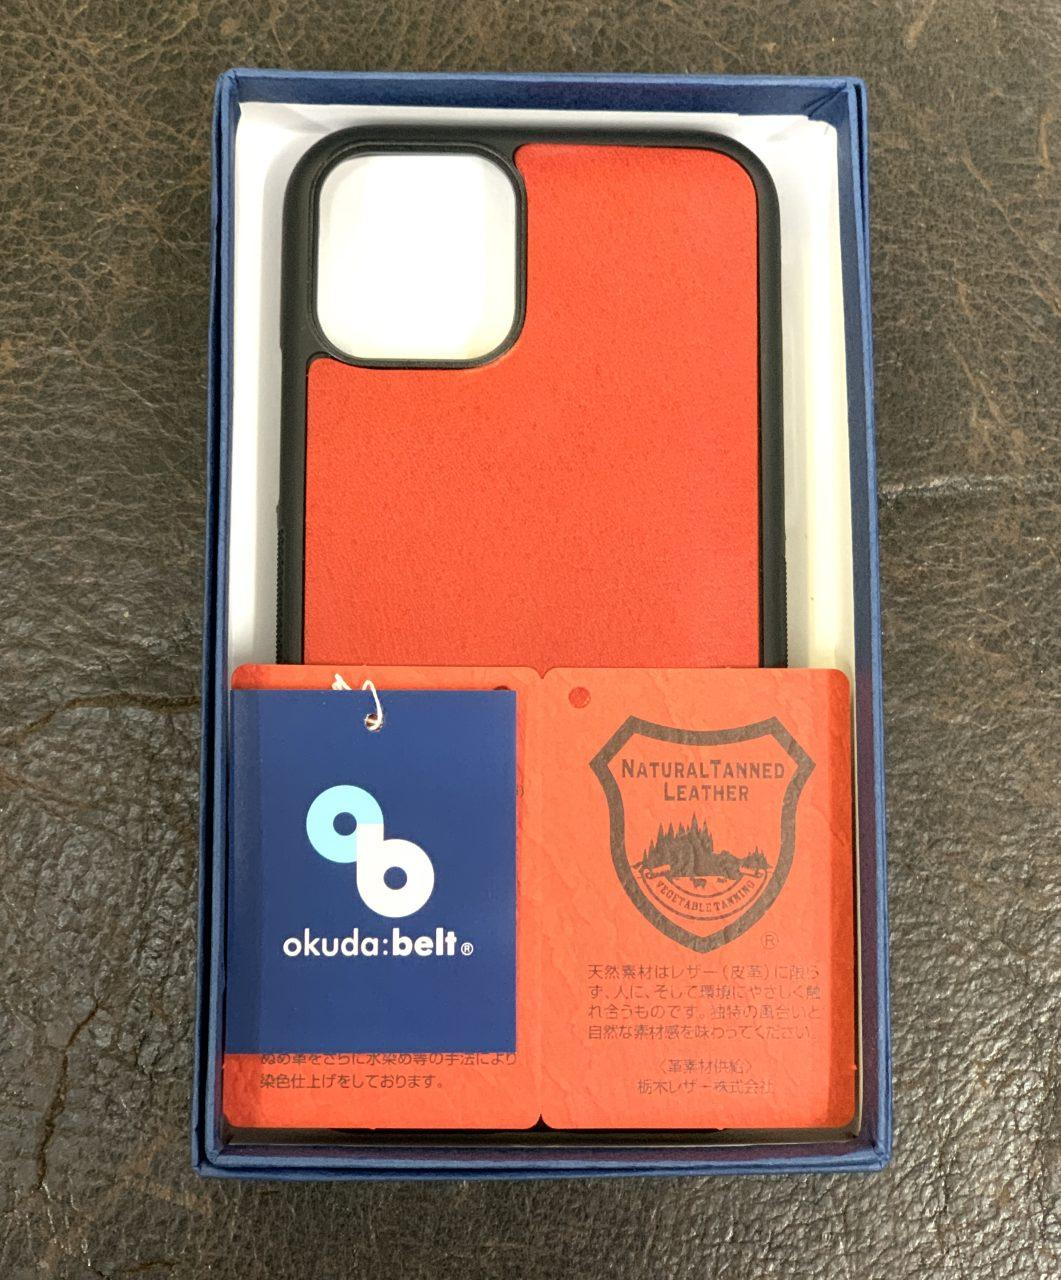 iPhoneケース スマホケース 栃木レザー iPhone11 11Pro 11ProMax ケース 本革 背面カバー アイフォン イレブン 背面 カバー 革 レザー 日本製